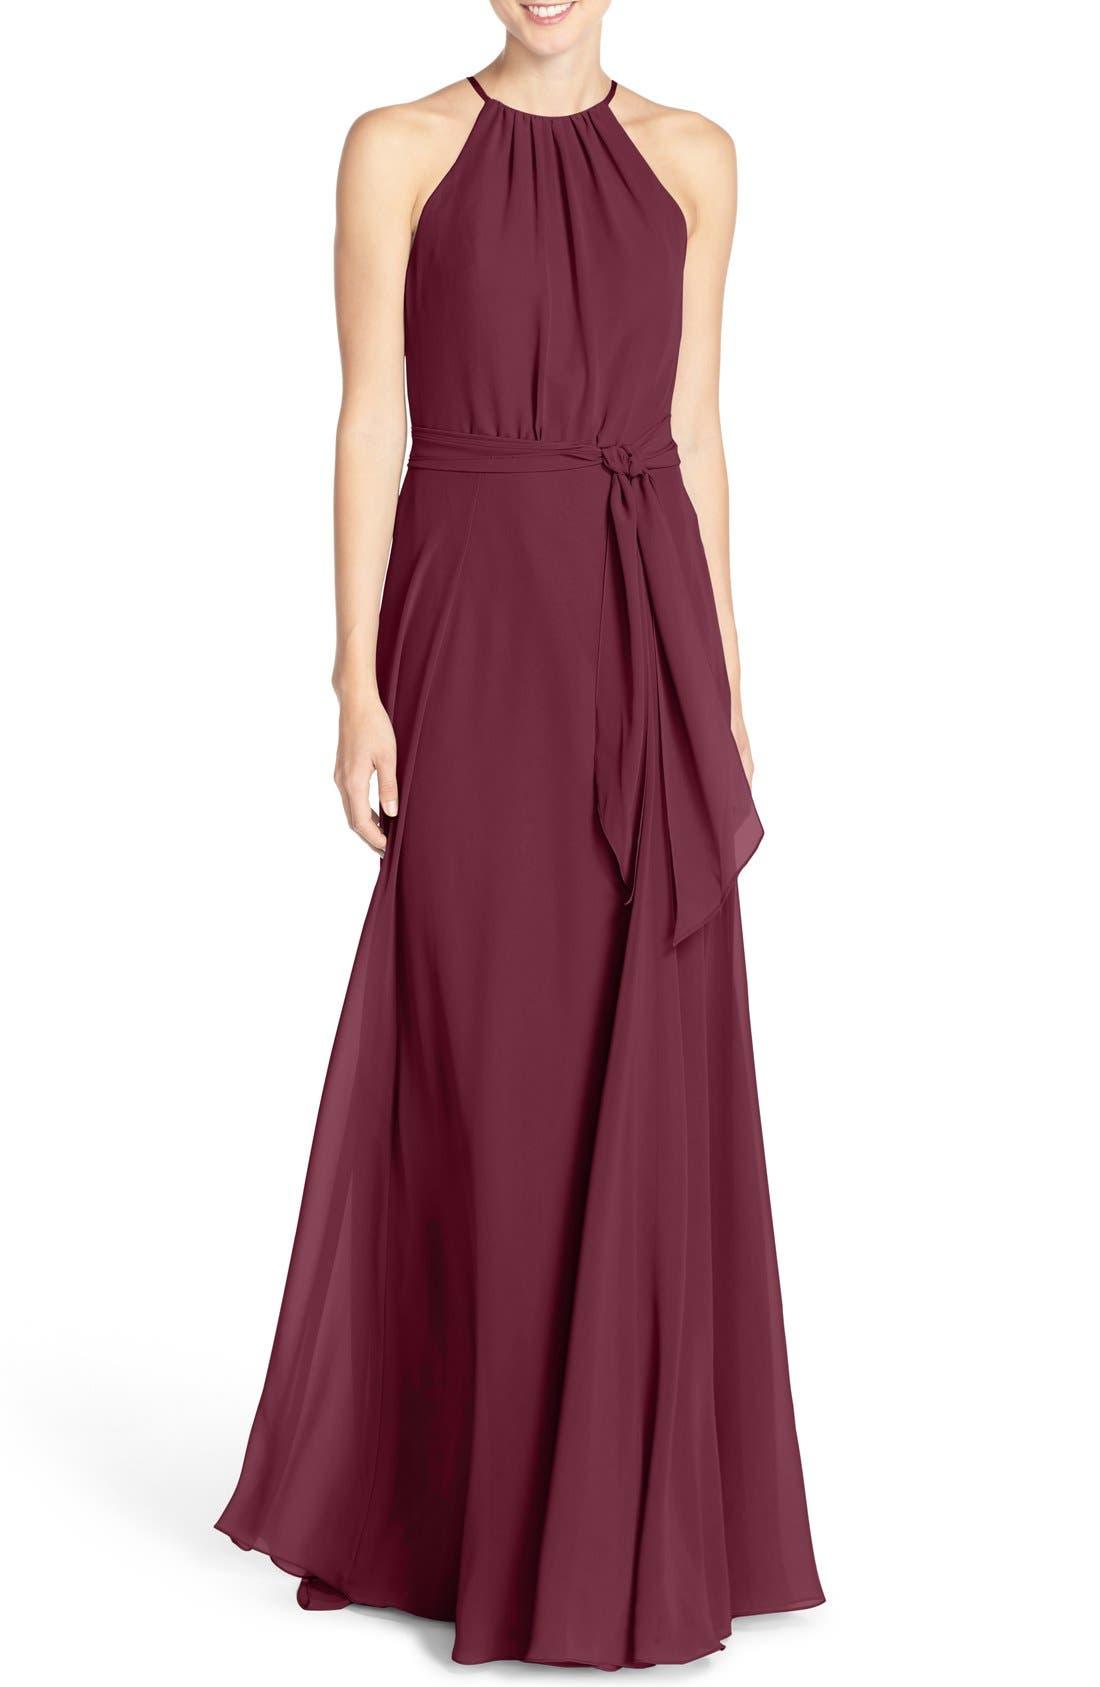 Alternate Image 1 Selected - Amsale 'Delaney' Belted A-Line Chiffon Halter Dress